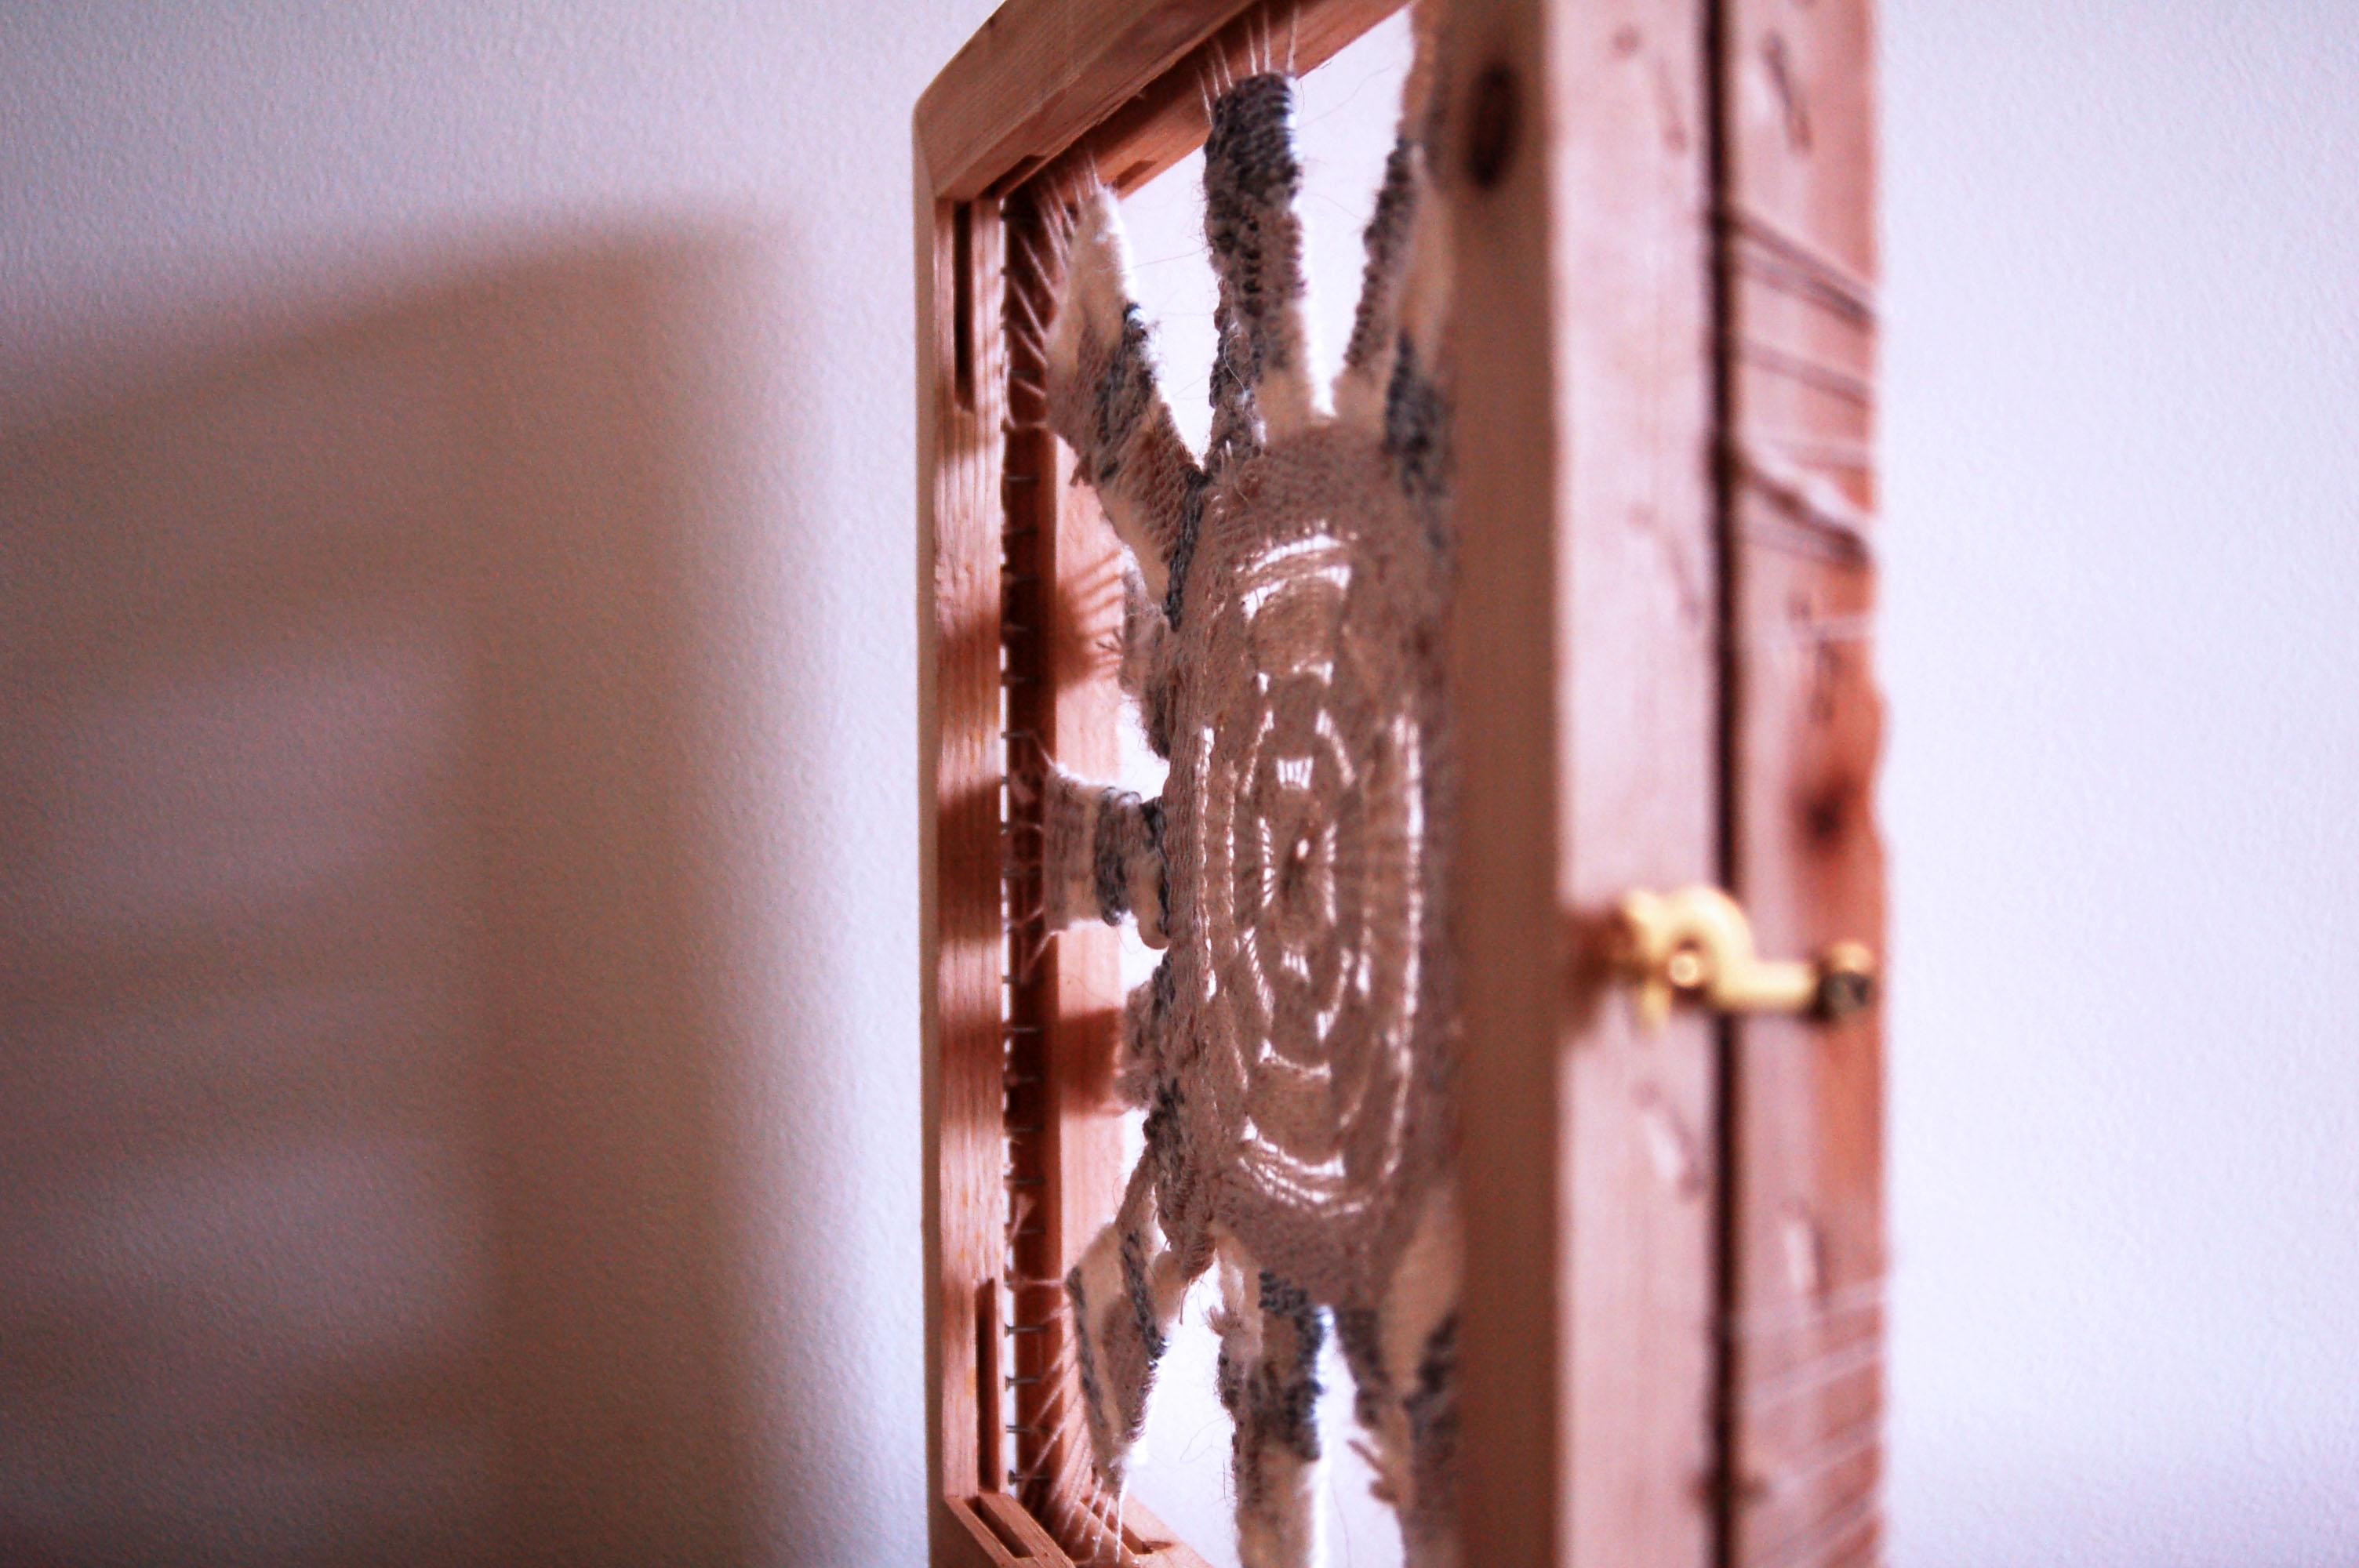 Dwi Wi Why Frame Detail